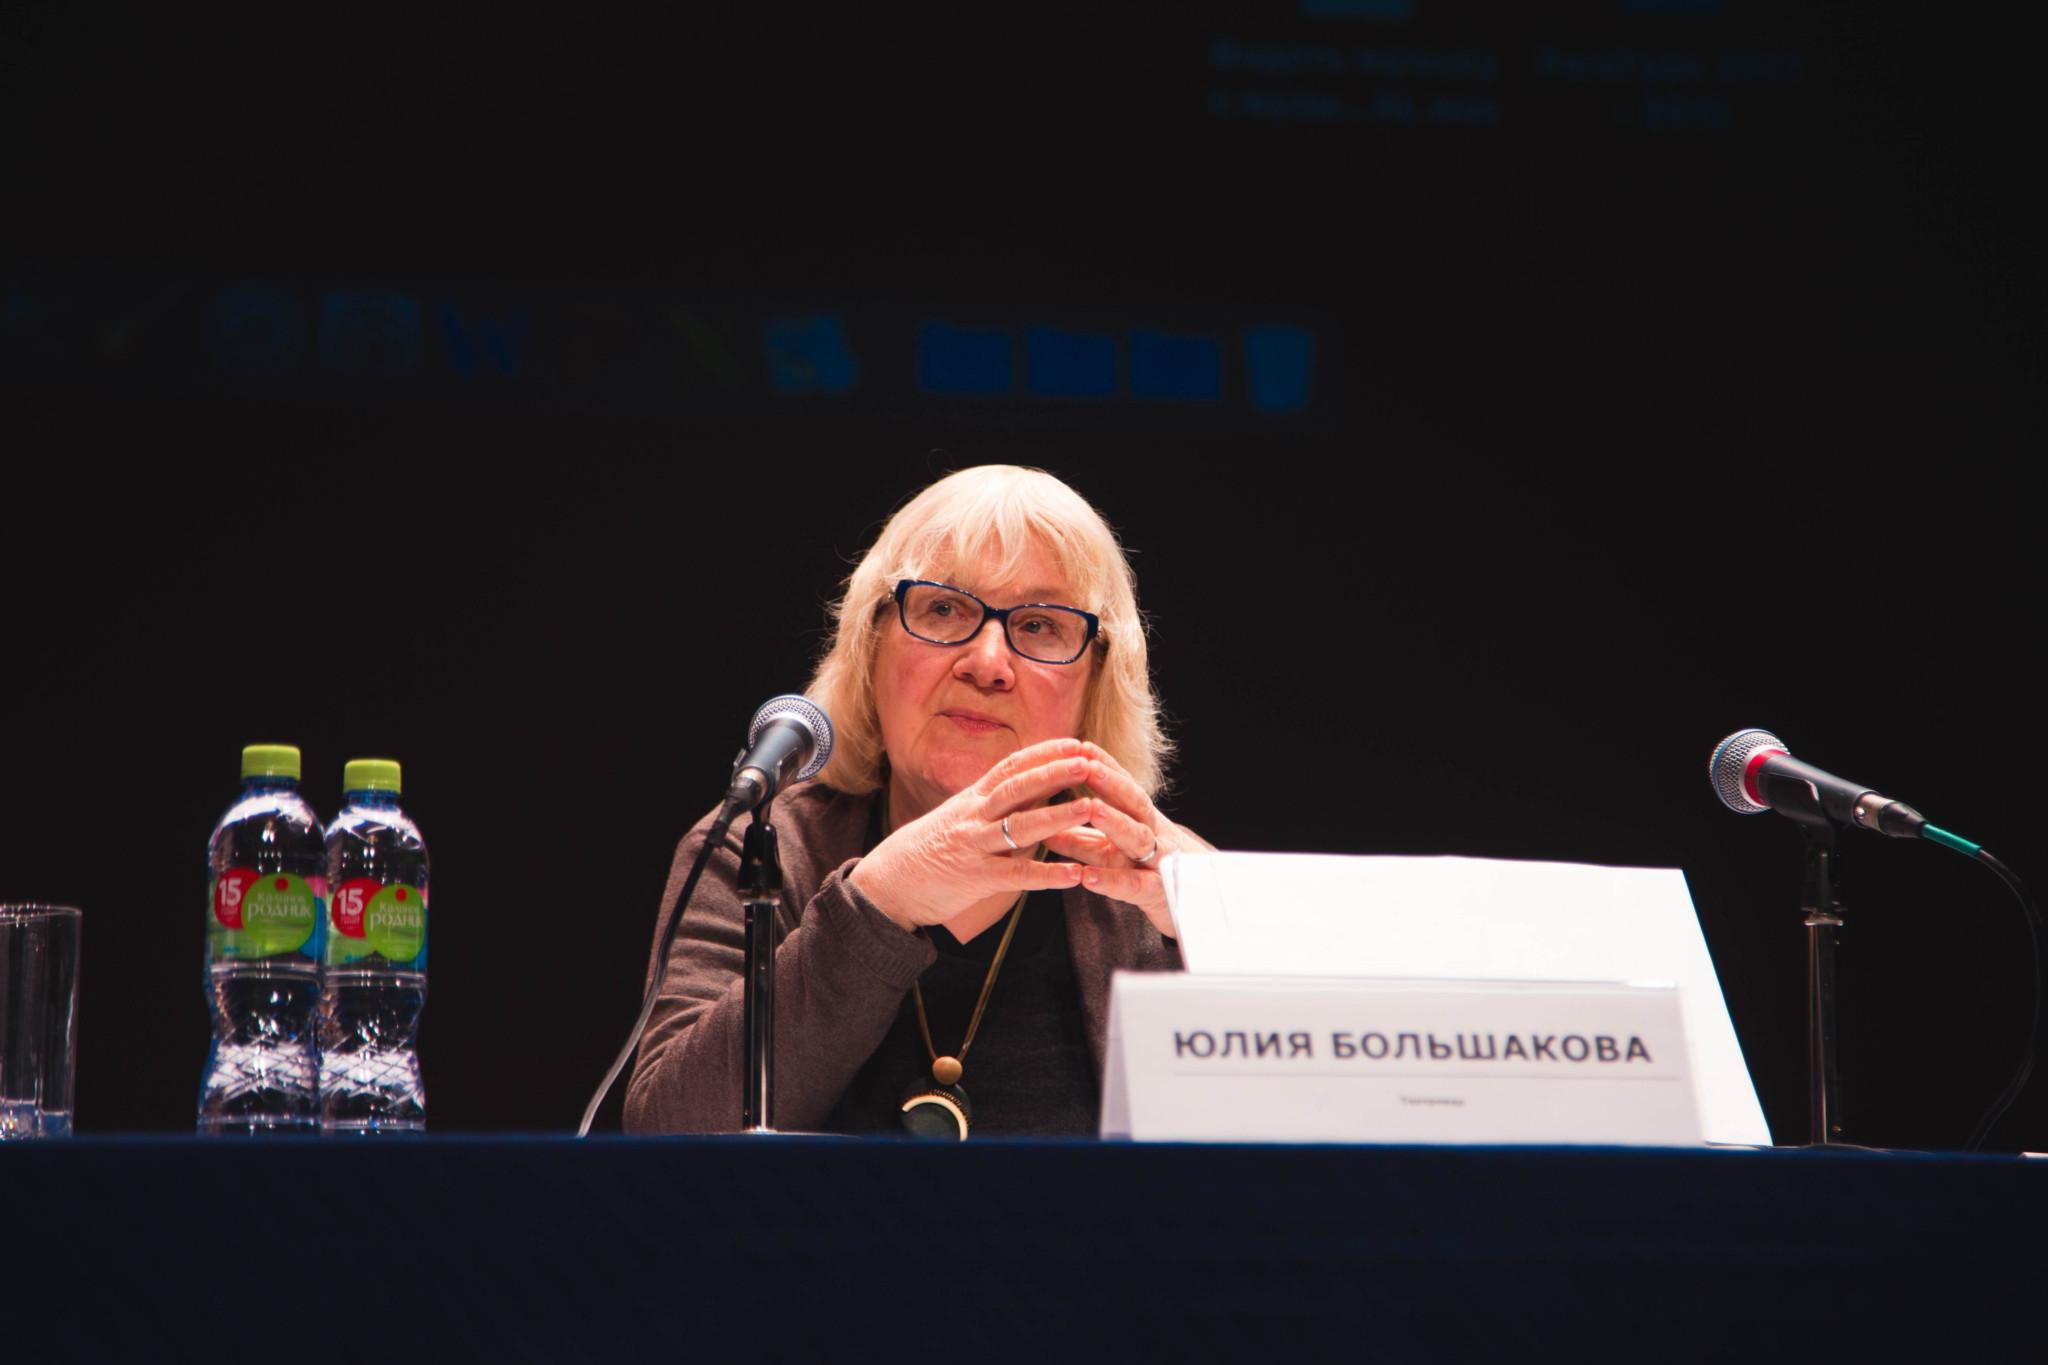 Юлия Большакова